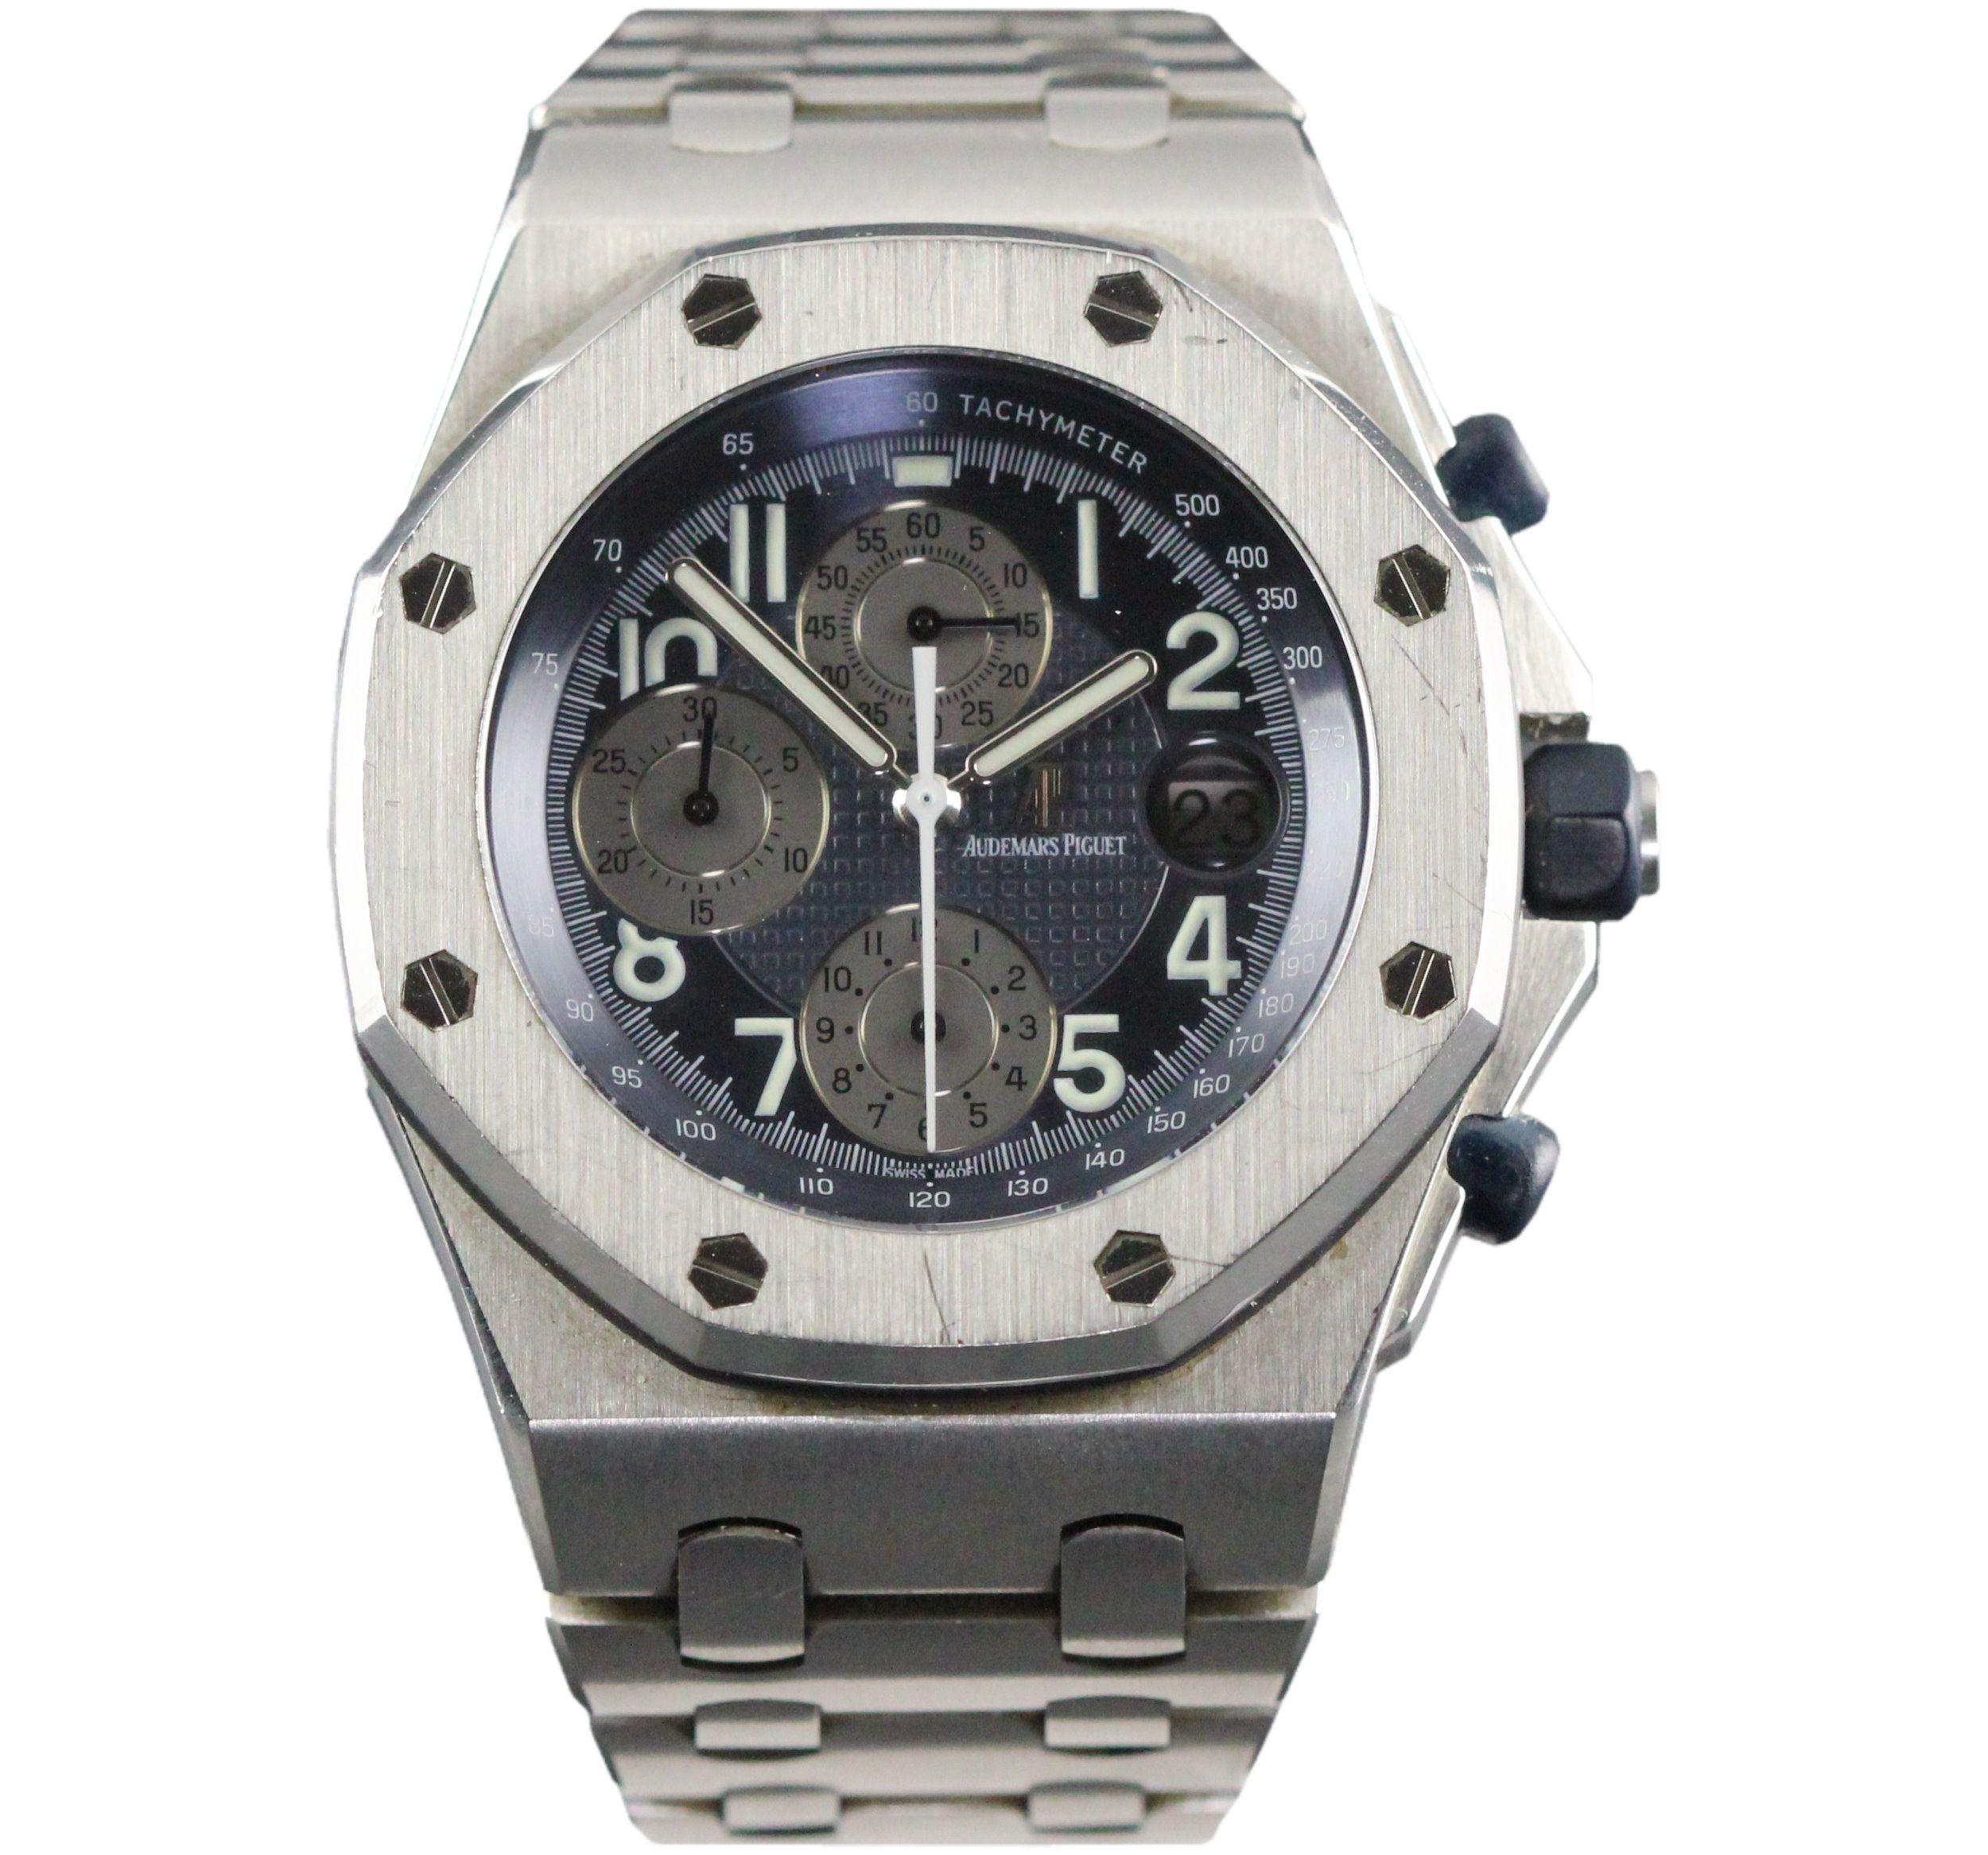 Audemars Piguet Royal Oak Offshore Watch | Dream watch ...